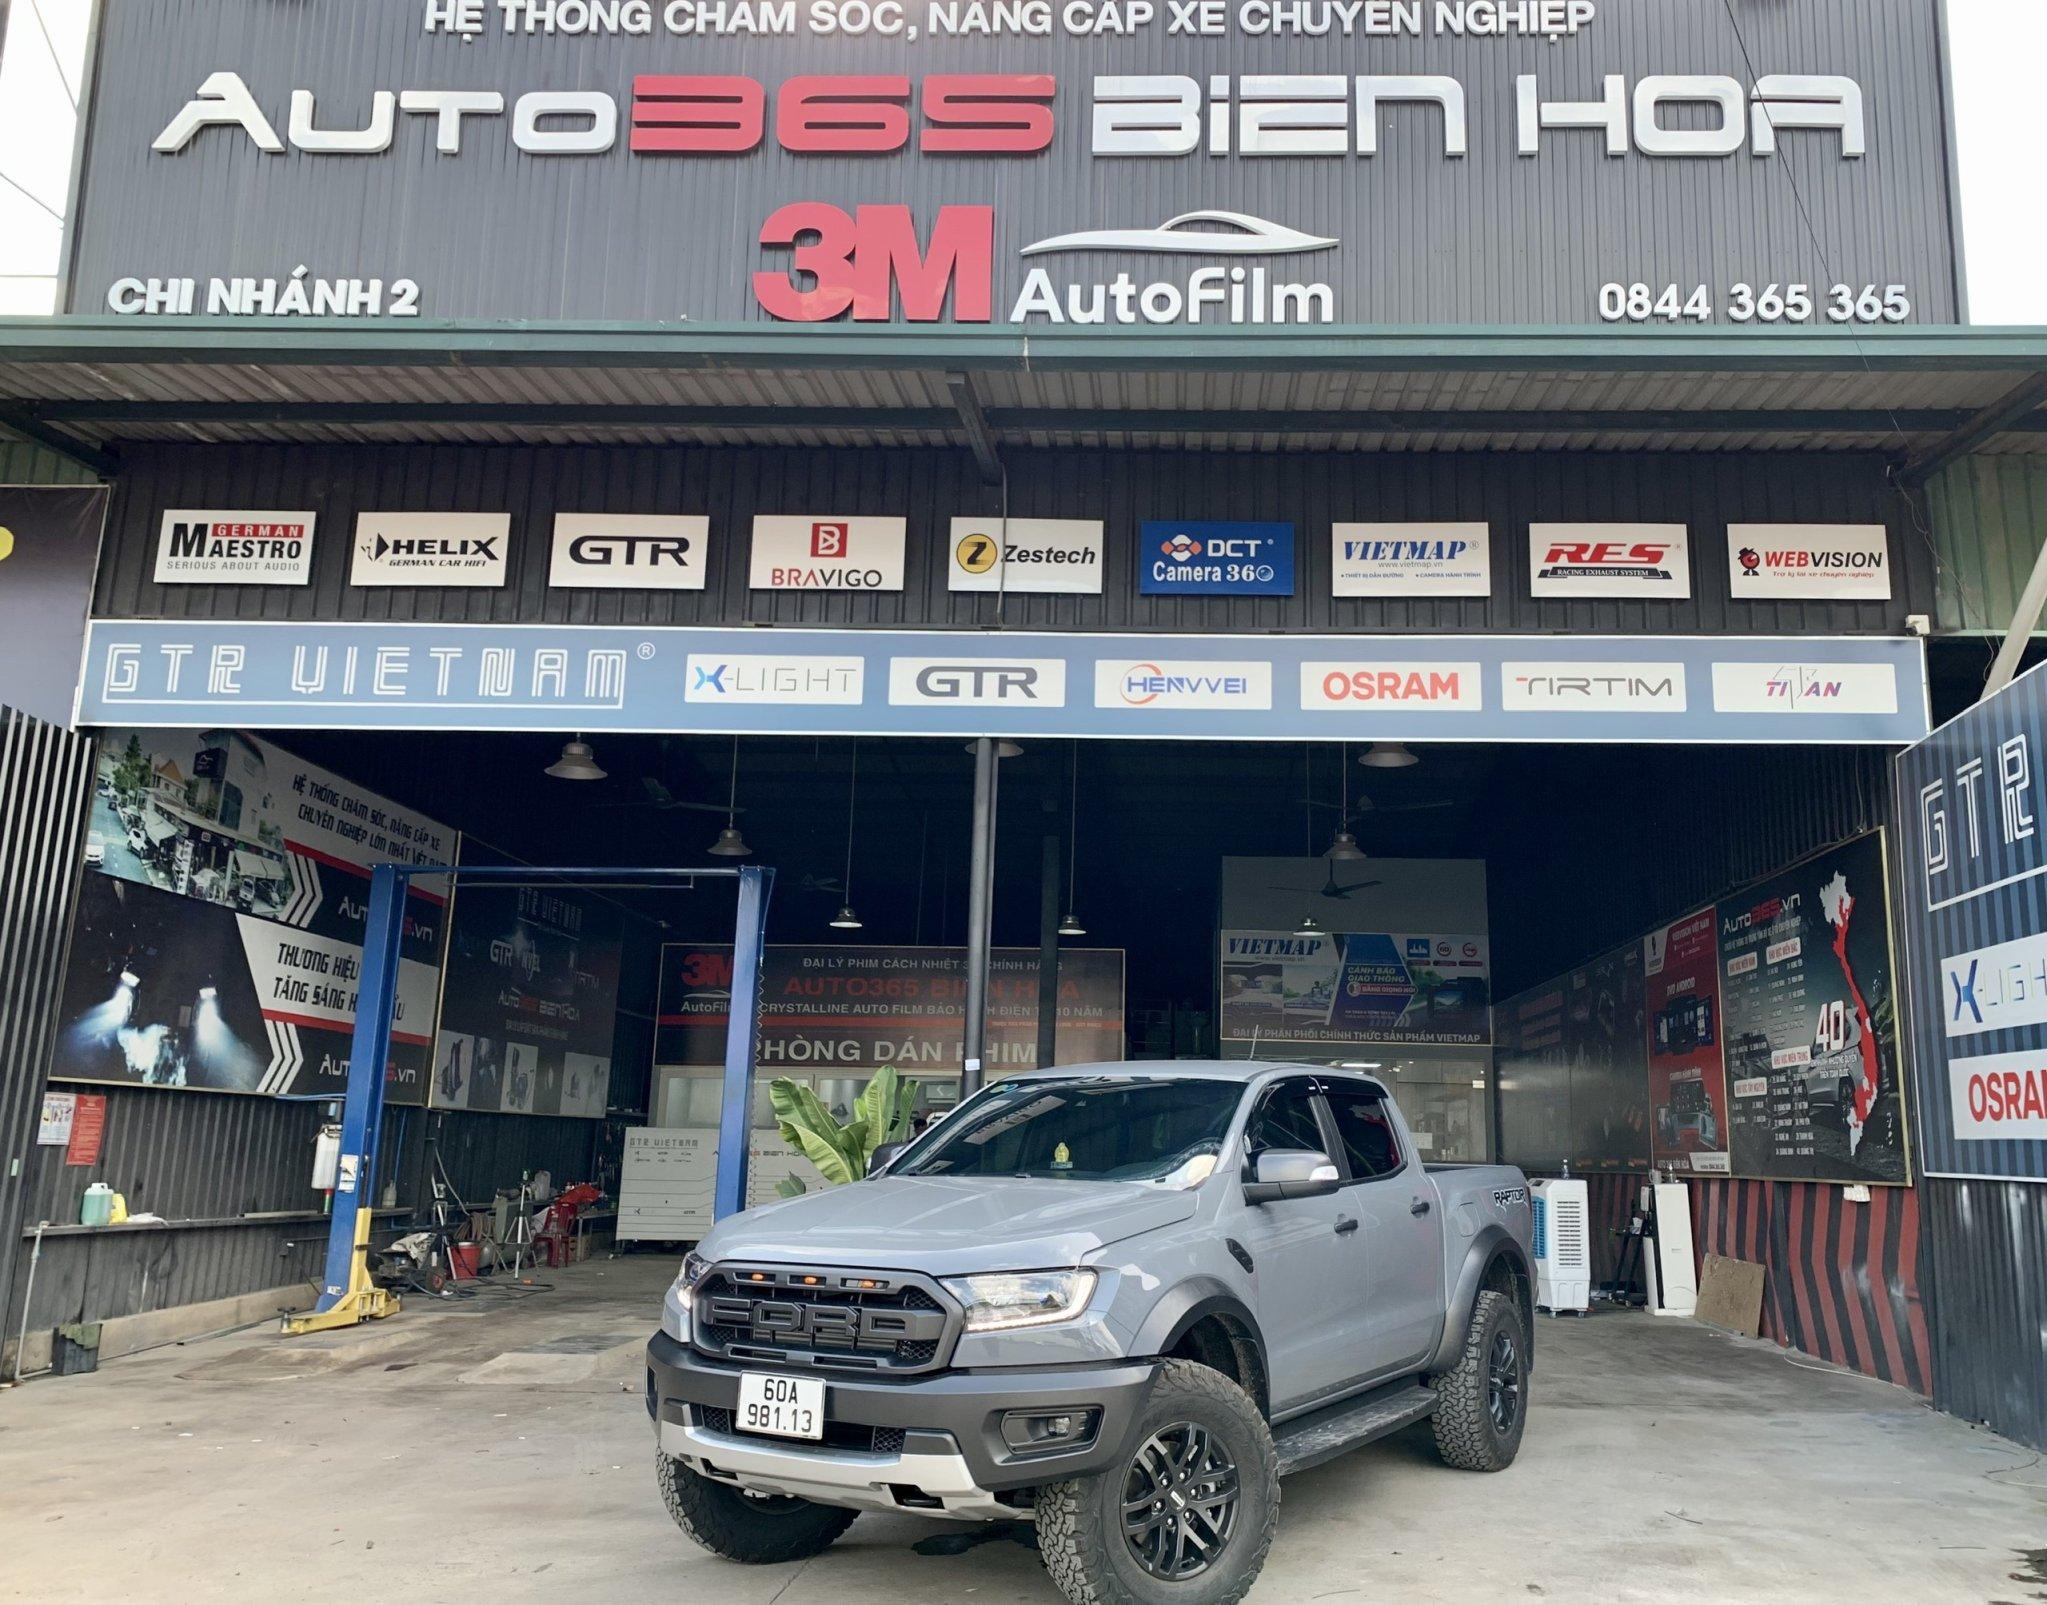 NT ô tô Auto 365 Biên Hòa